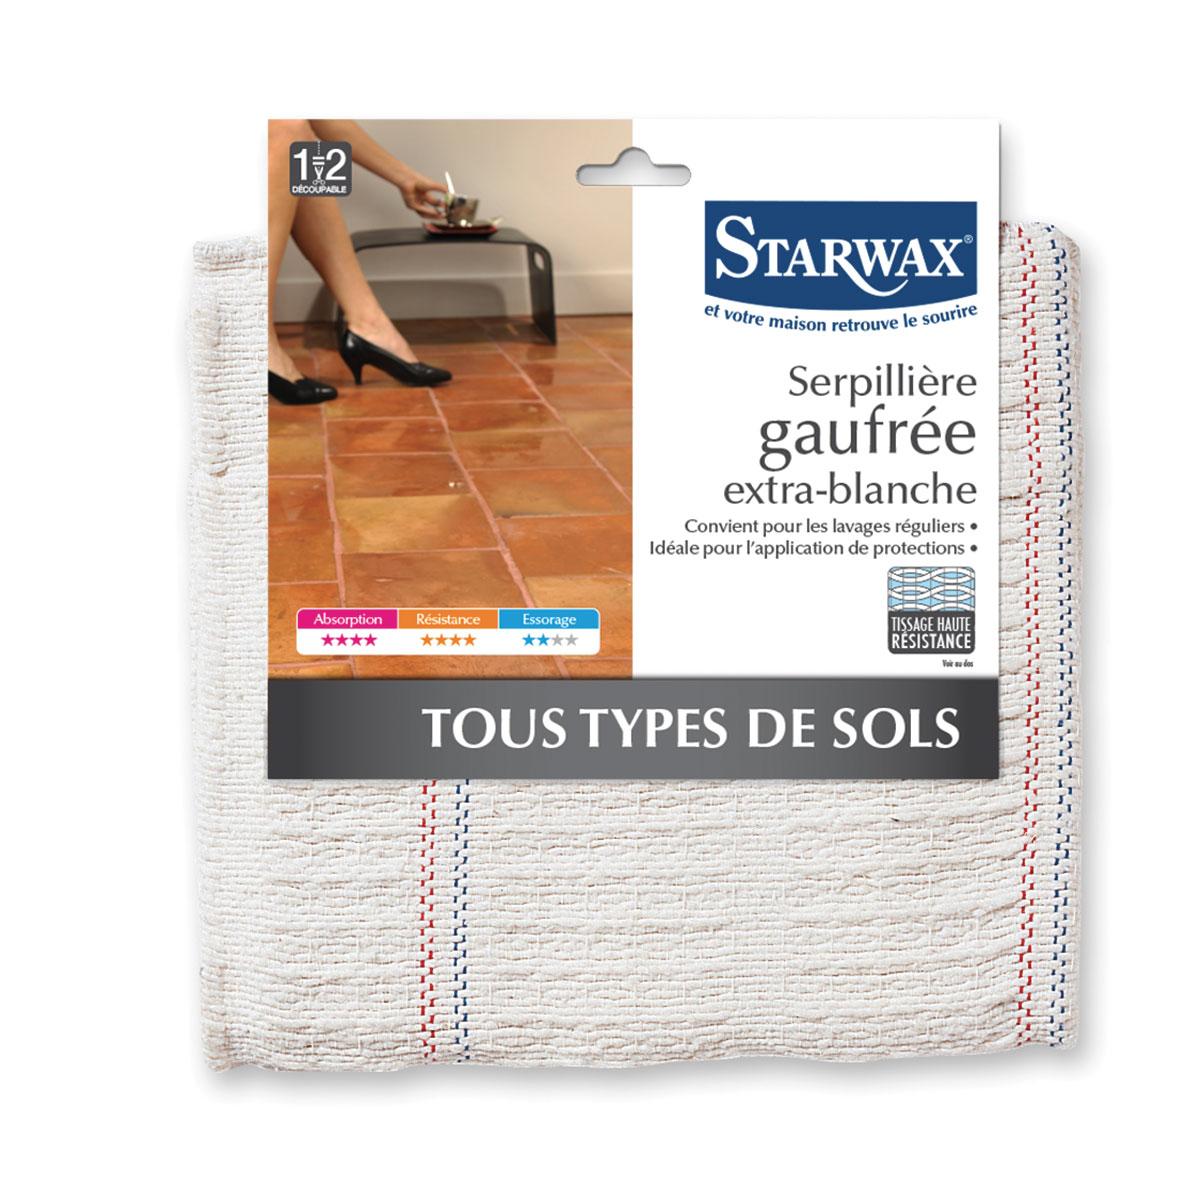 Serpillière gaufrée pour tous types de sols - Starwax